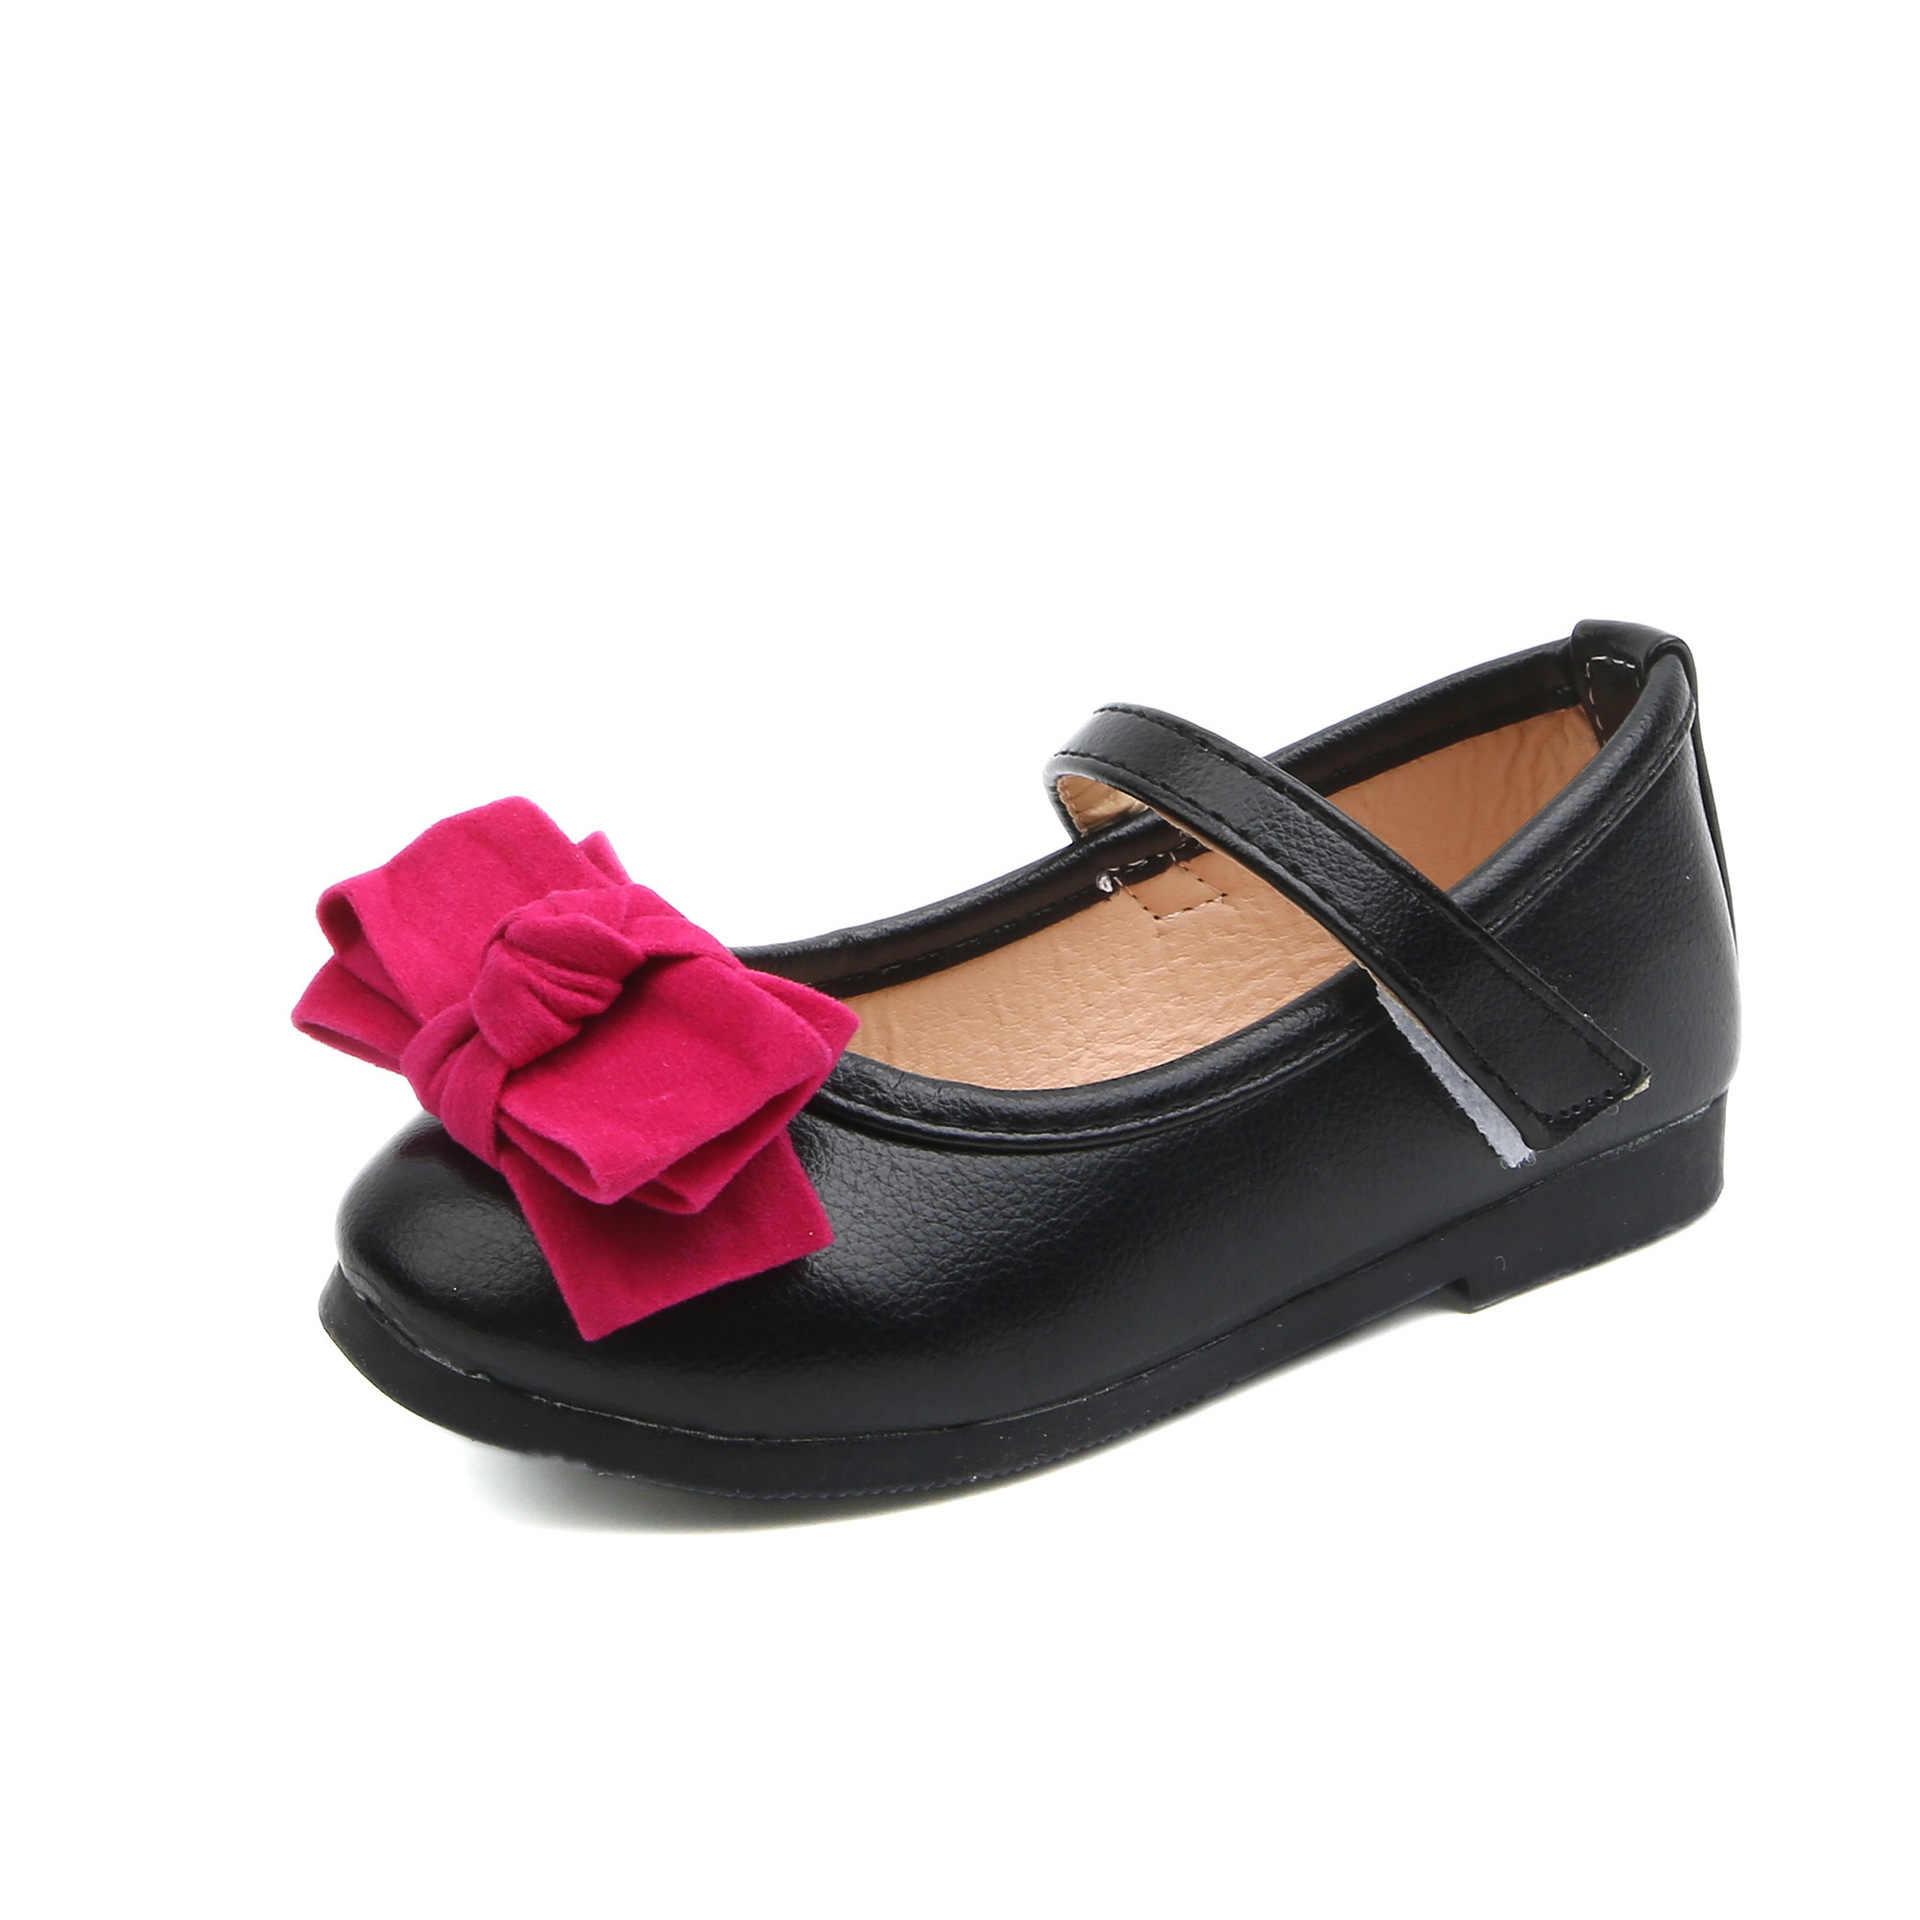 e3650412745 COZULMA niñas de cuero suave arco grande de moda Zapatos planos con zapatos  de niños niño